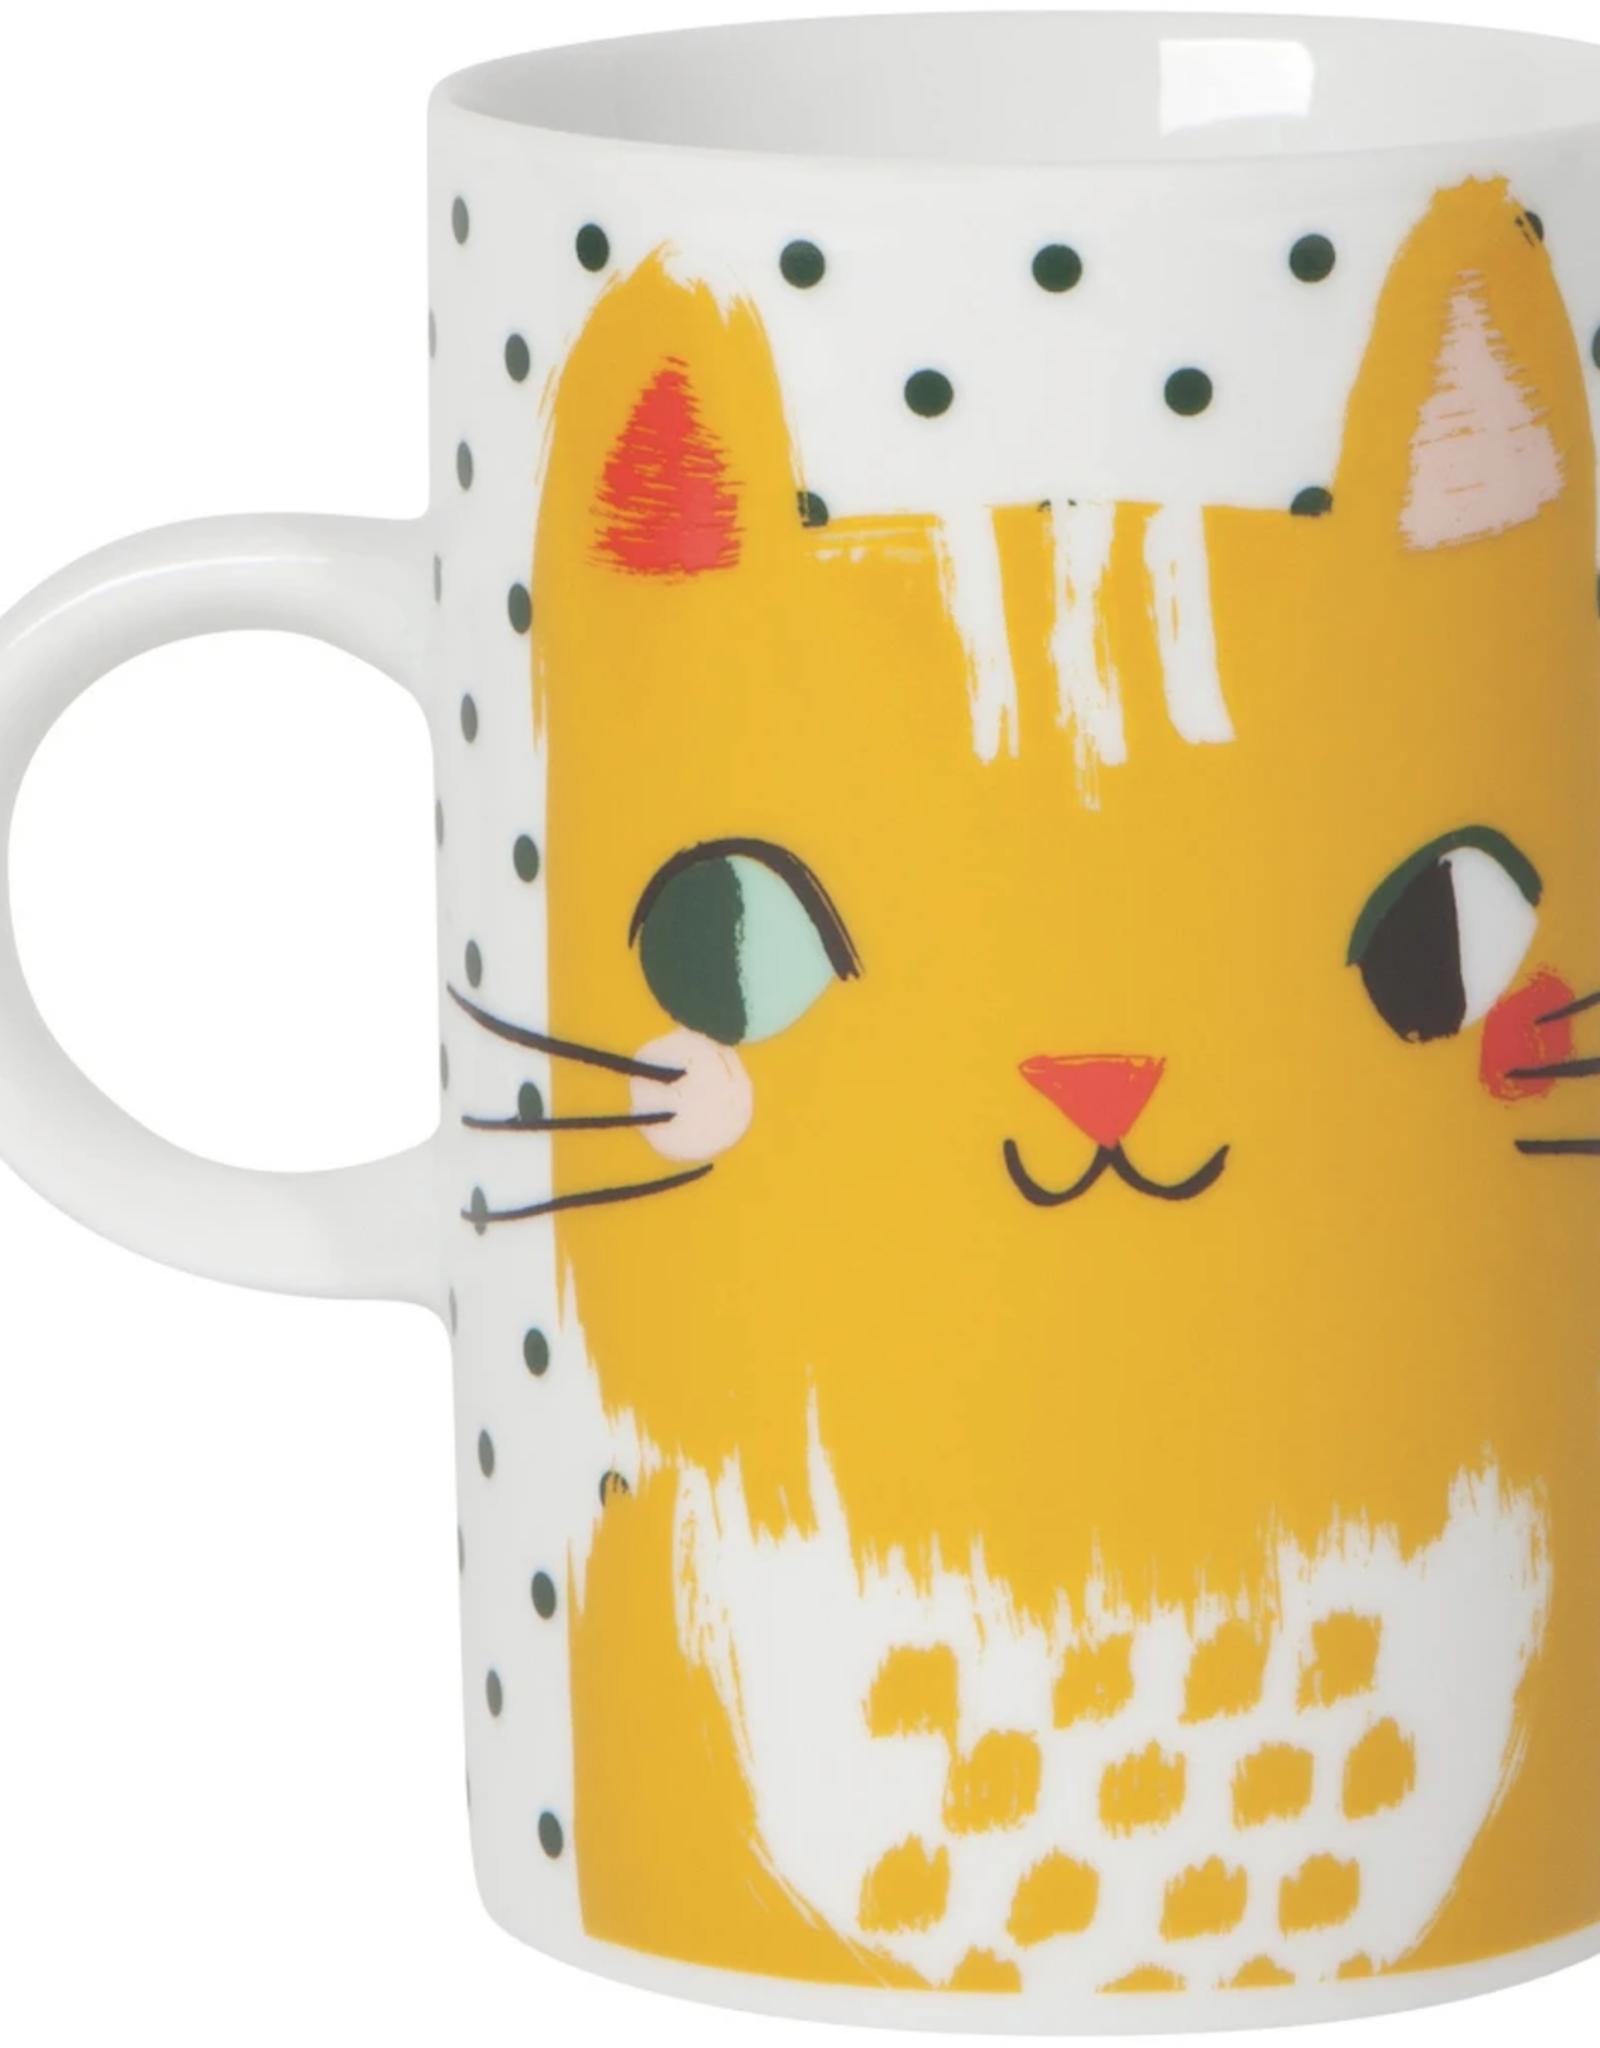 Danica Danica - Mug Meow Meow